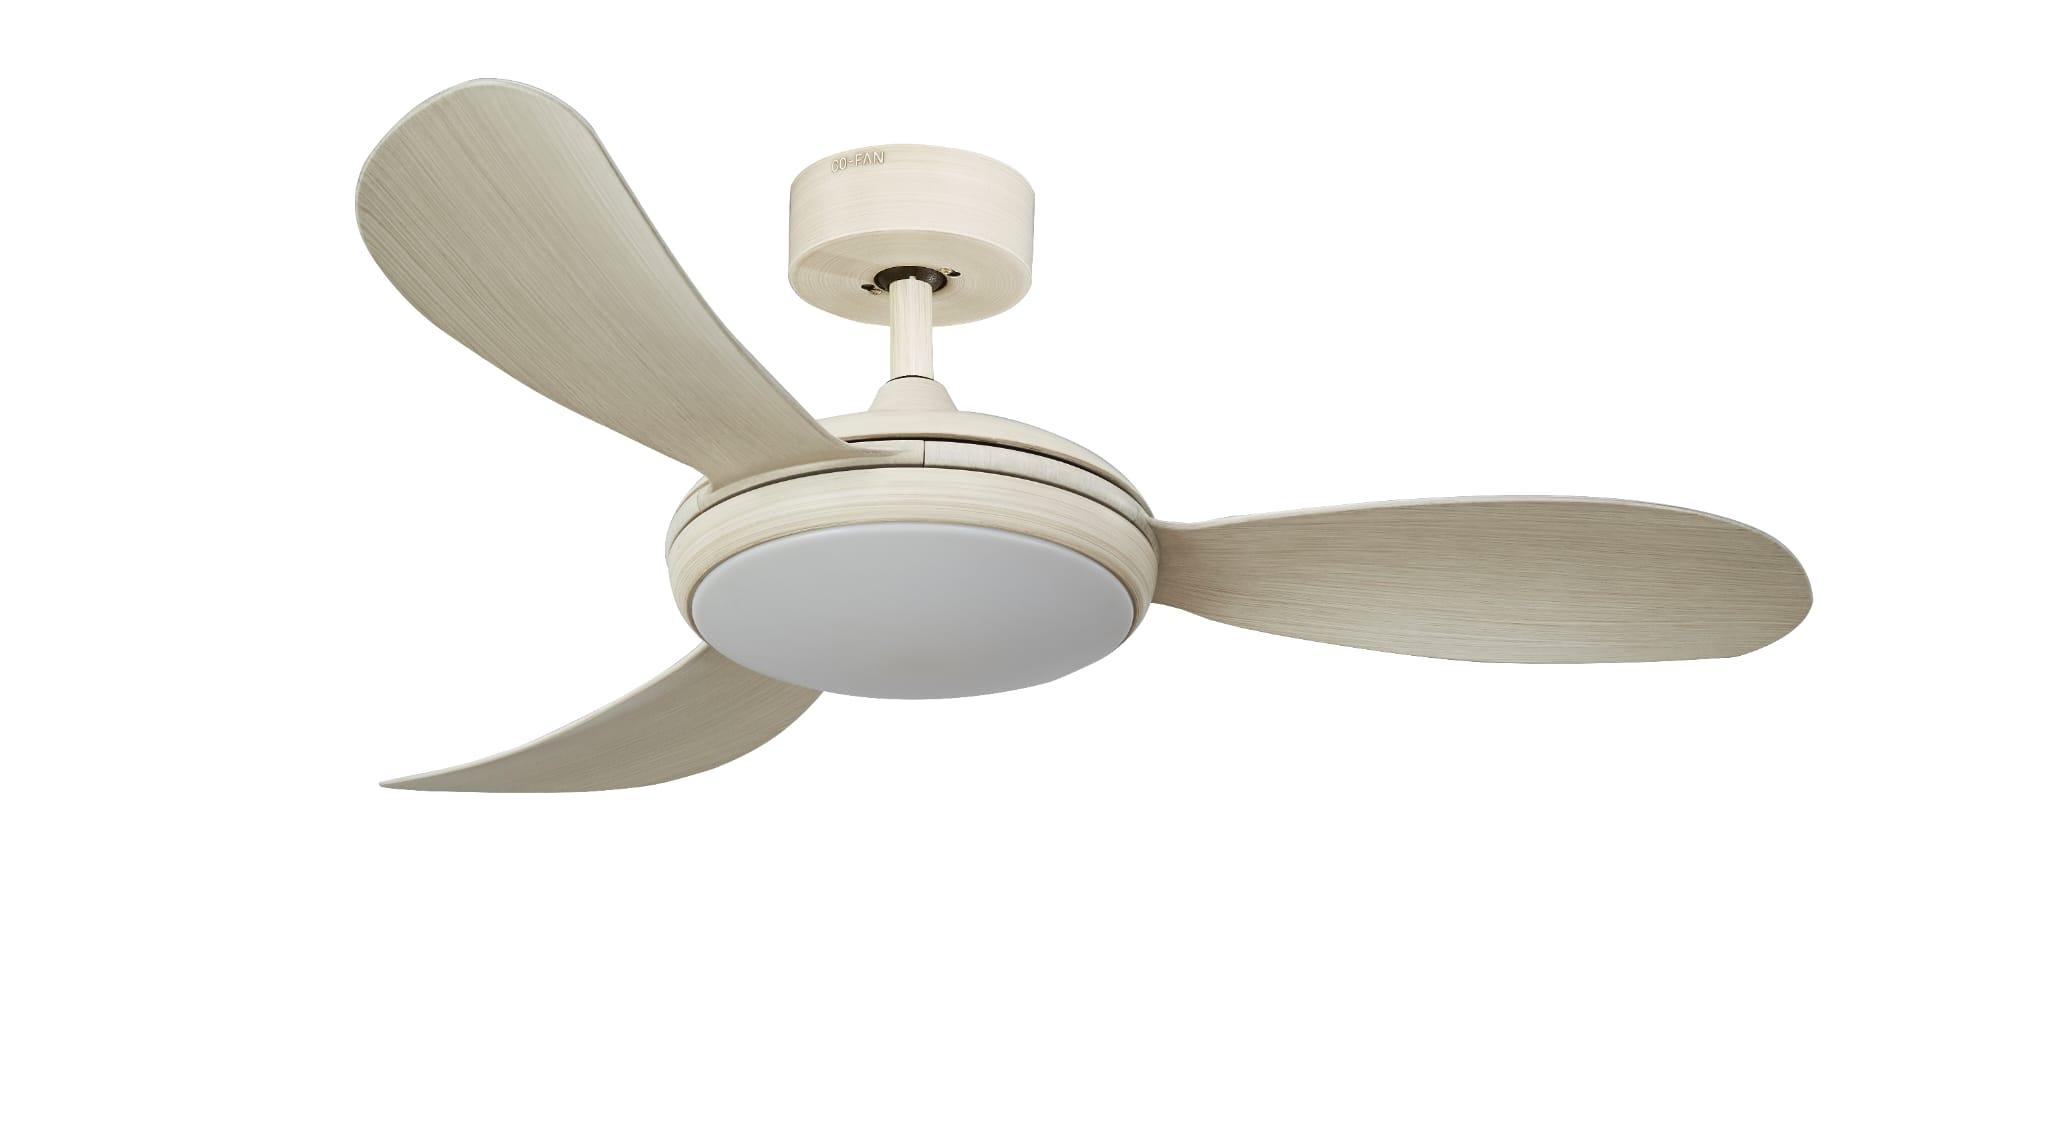 fanco-girasol-3-blade-ceiling-fan-light-oak-grey.jpeg